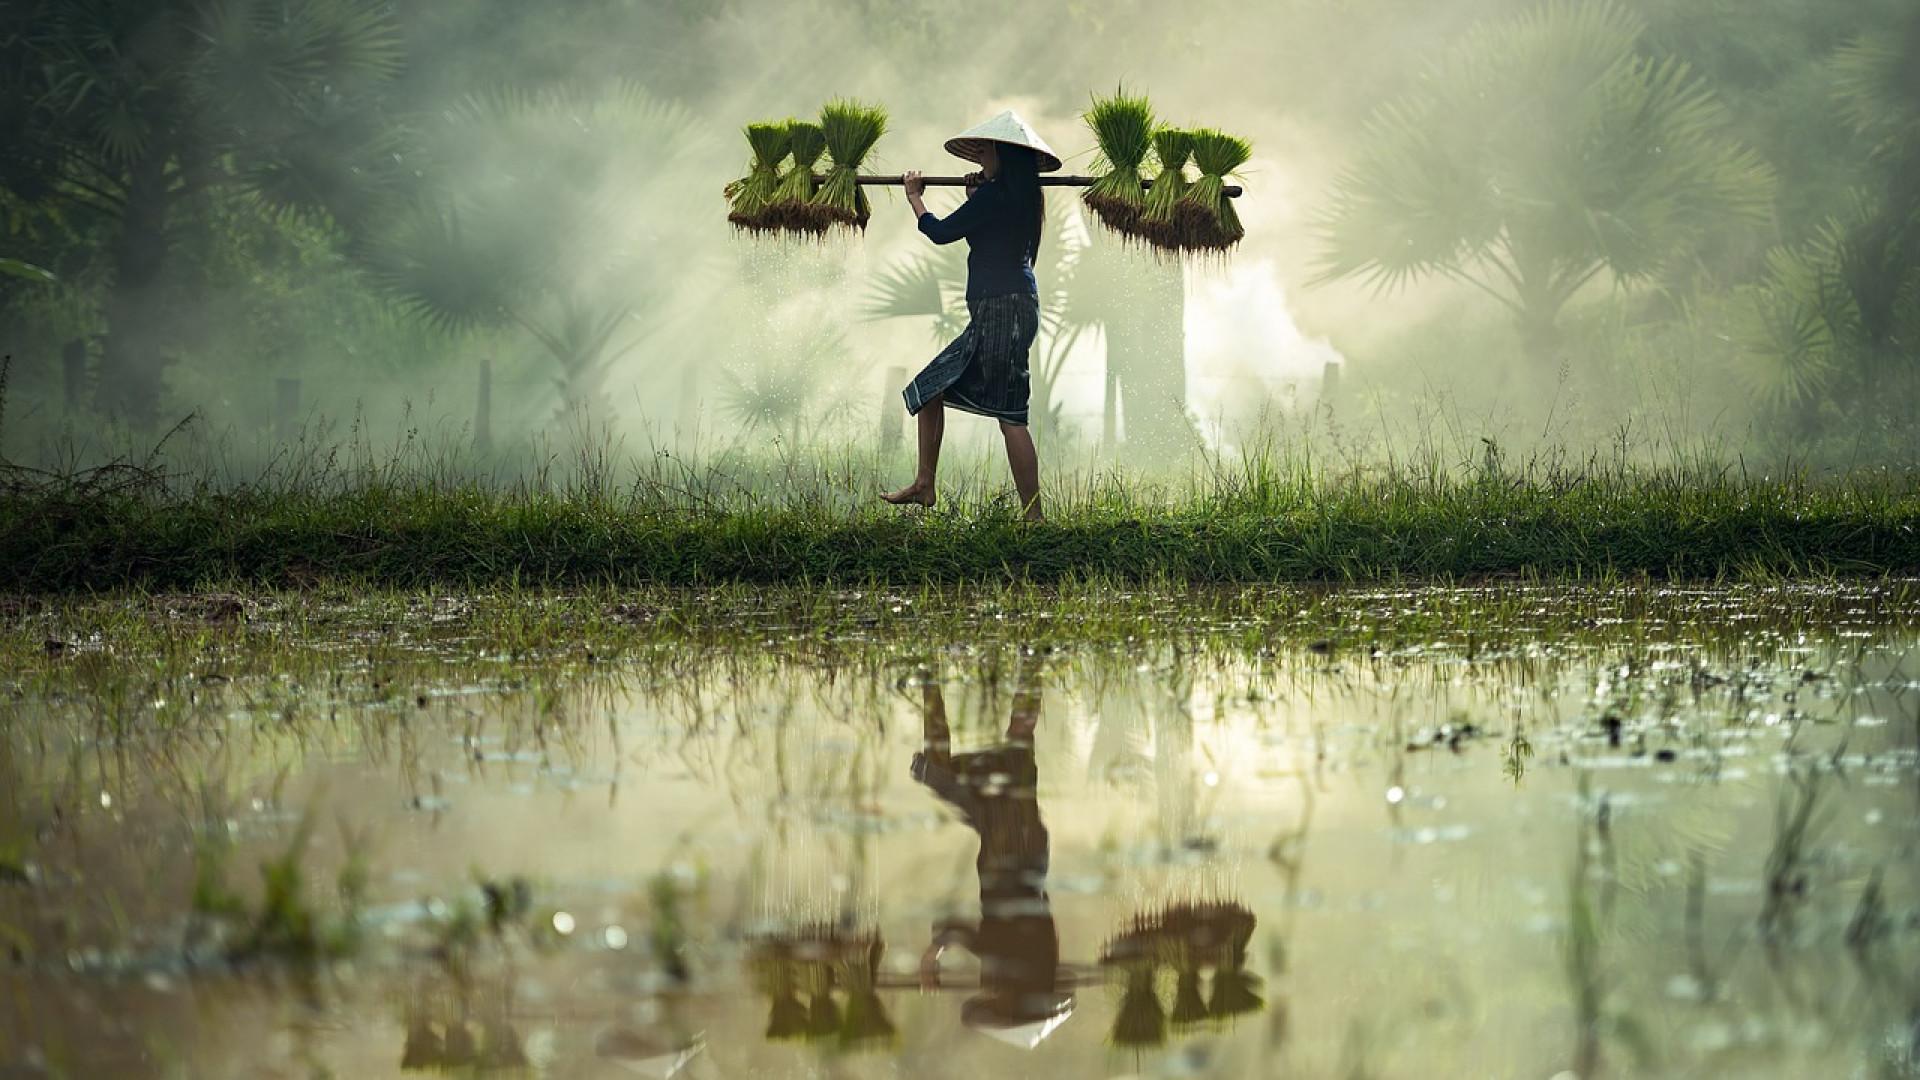 Le voyage en Asie ou comment obtenir un dépaysement total